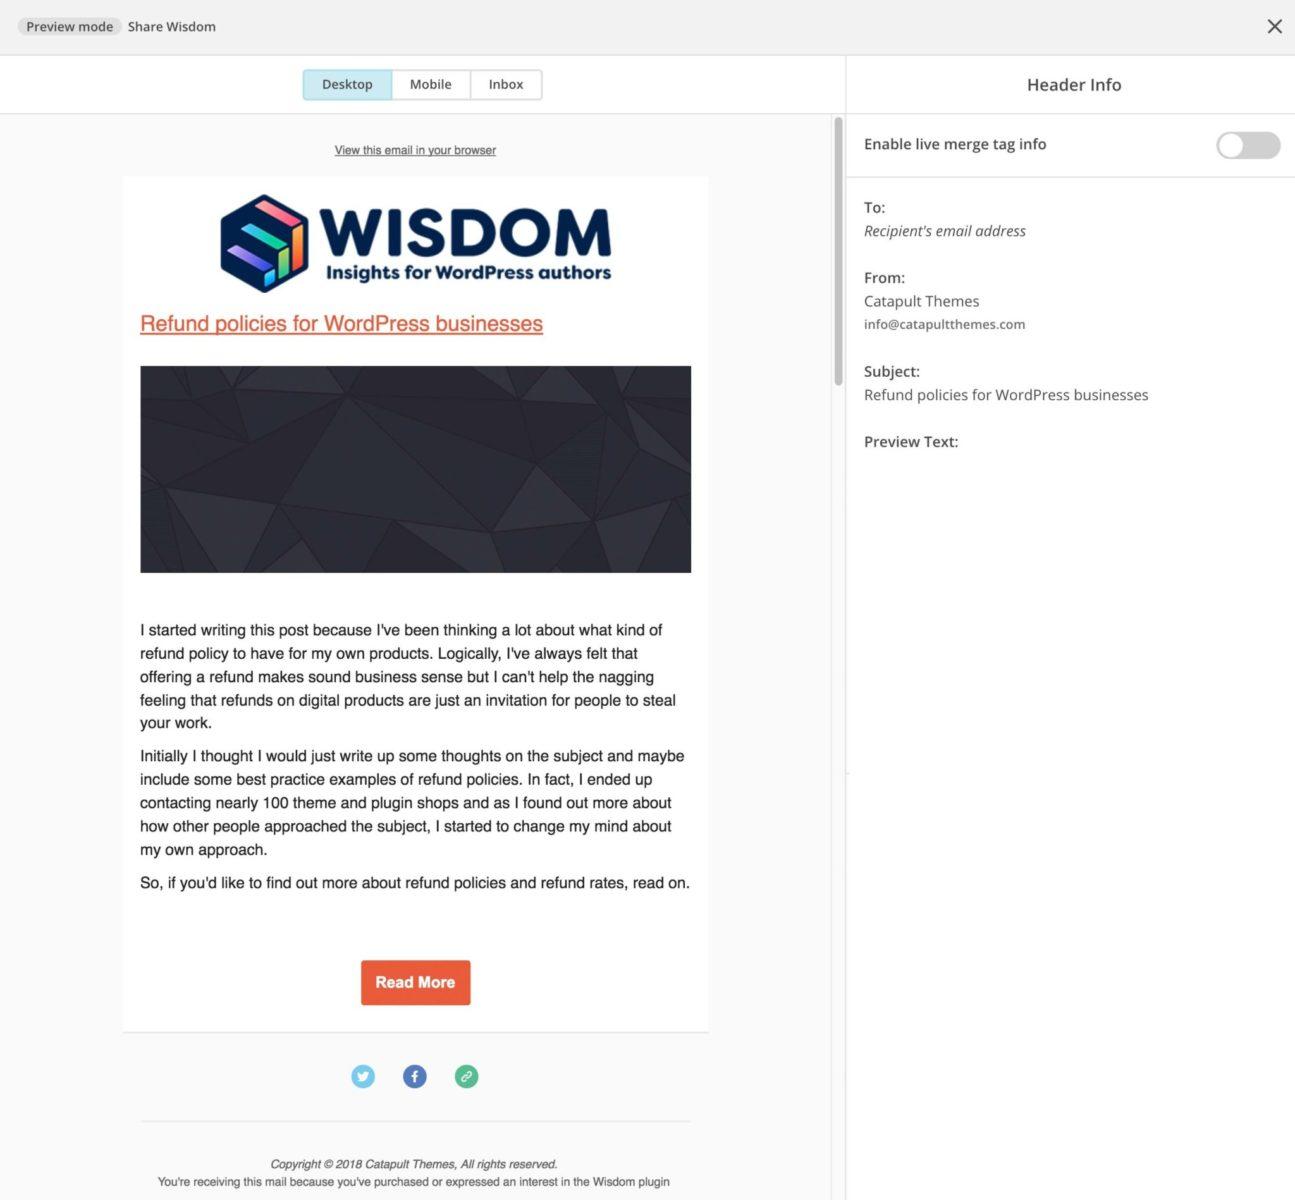 Mailchimp newsletter final